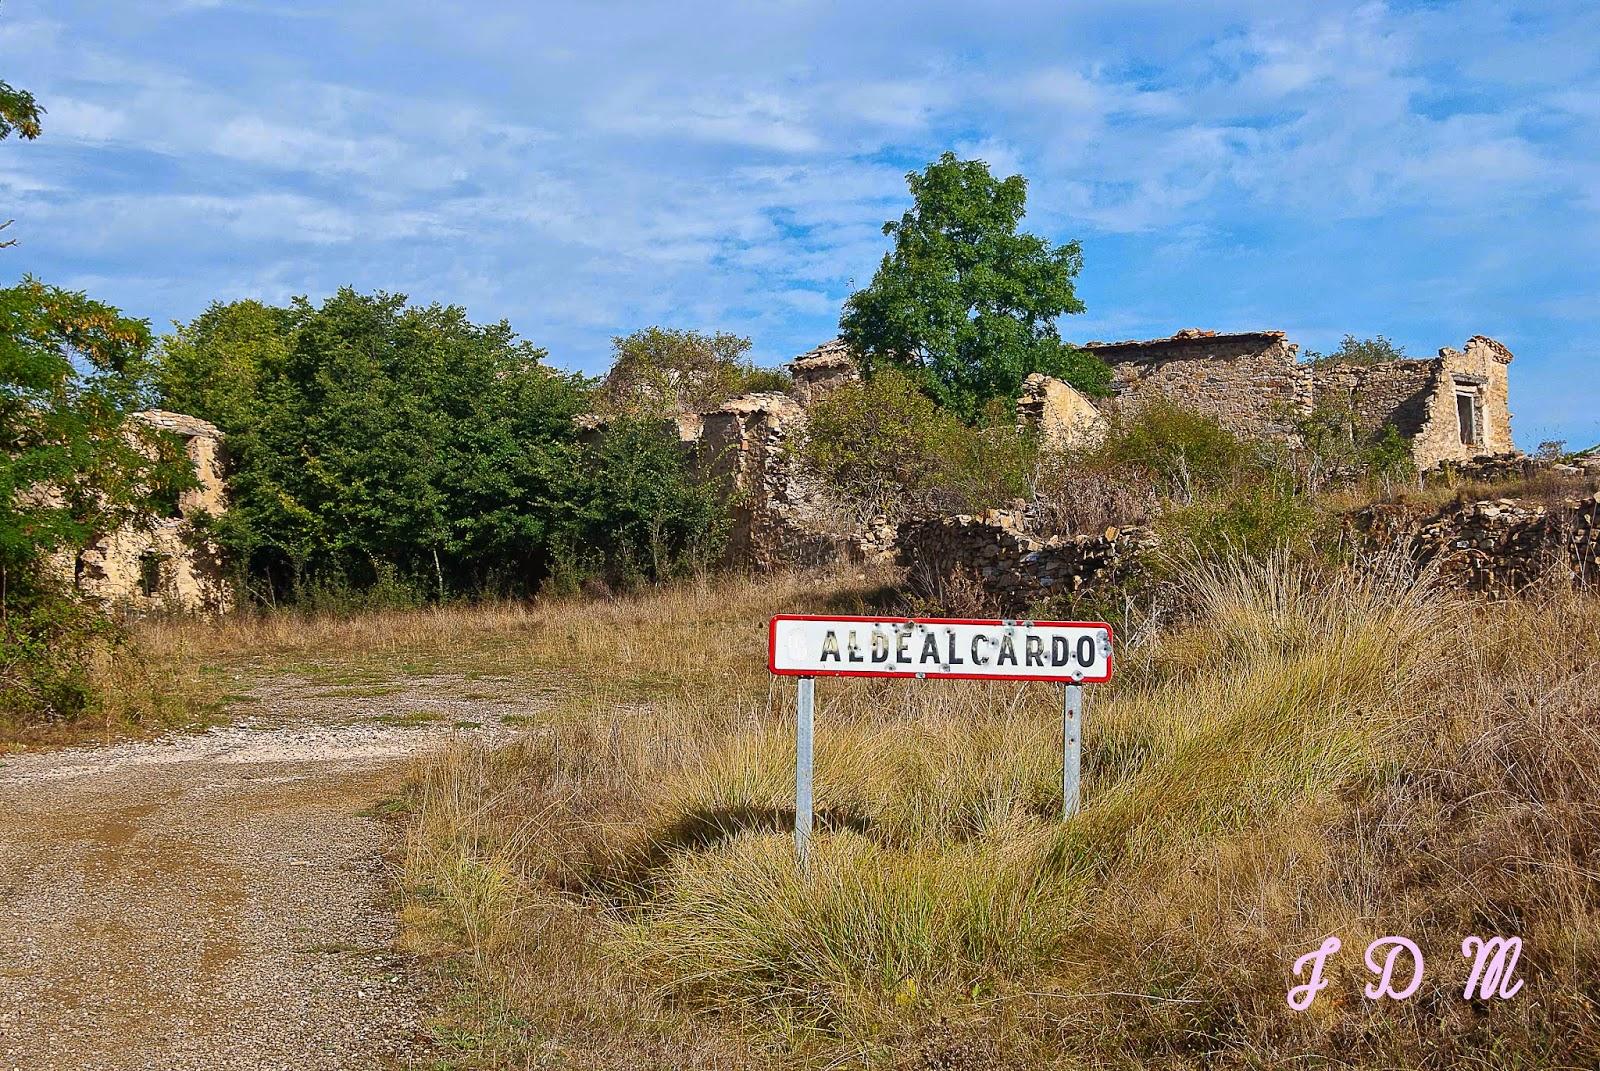 Pueblos abandonados de la provincia de Soria.: Aldealcardo